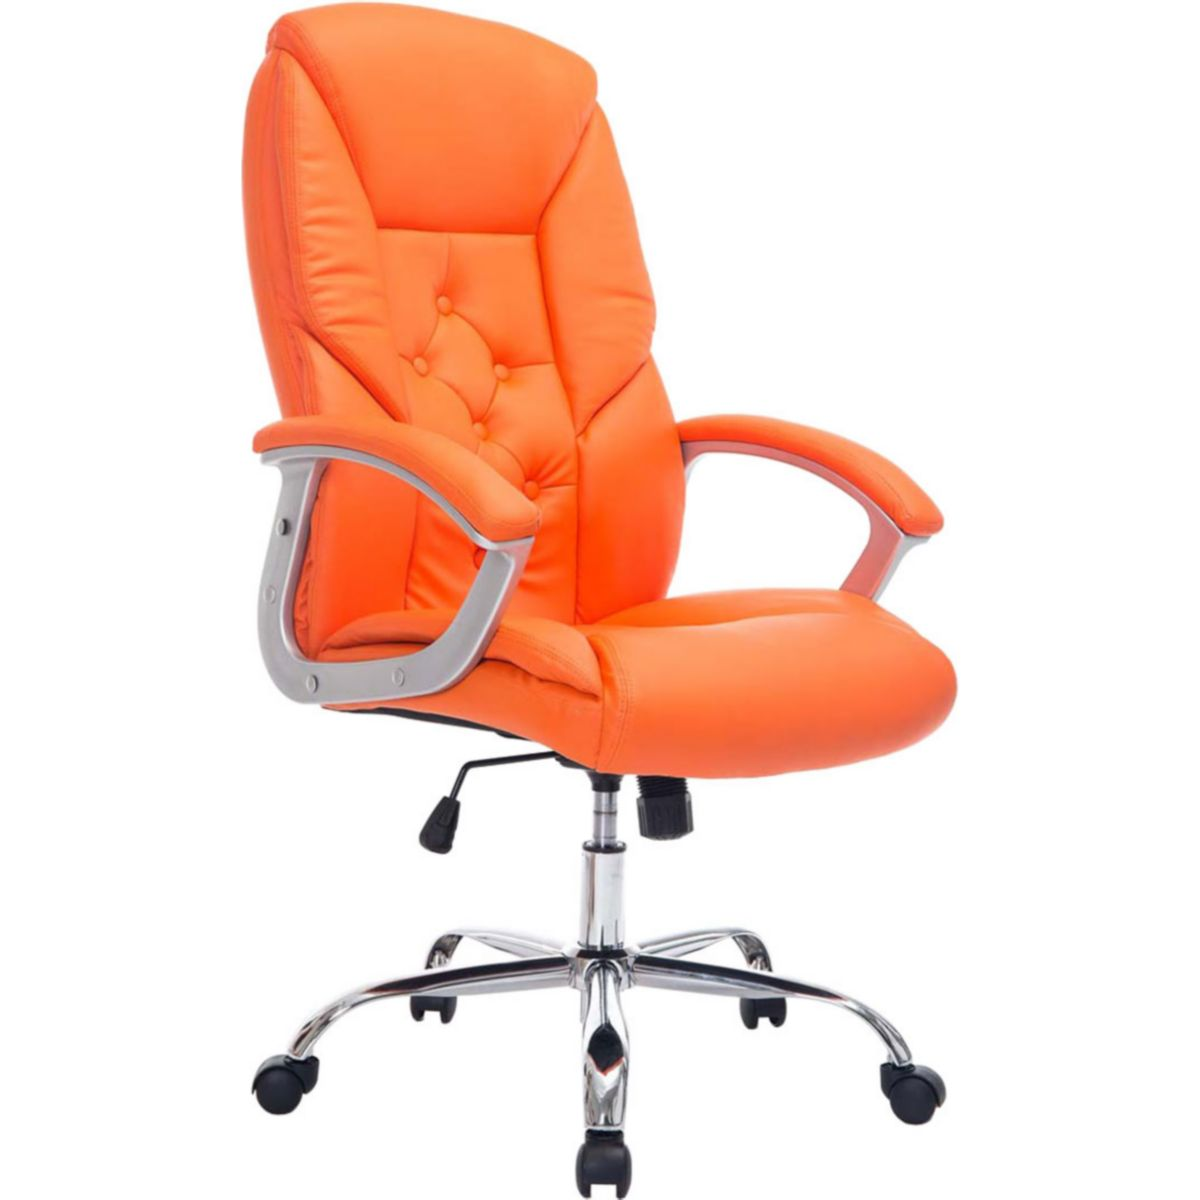 CLP XXL-Bürostuhl RODEO, belastbar bis 210 kg, höhenverstellbar 47 - 57 cm, hochwertige Polsterung jetztbilligerkaufen